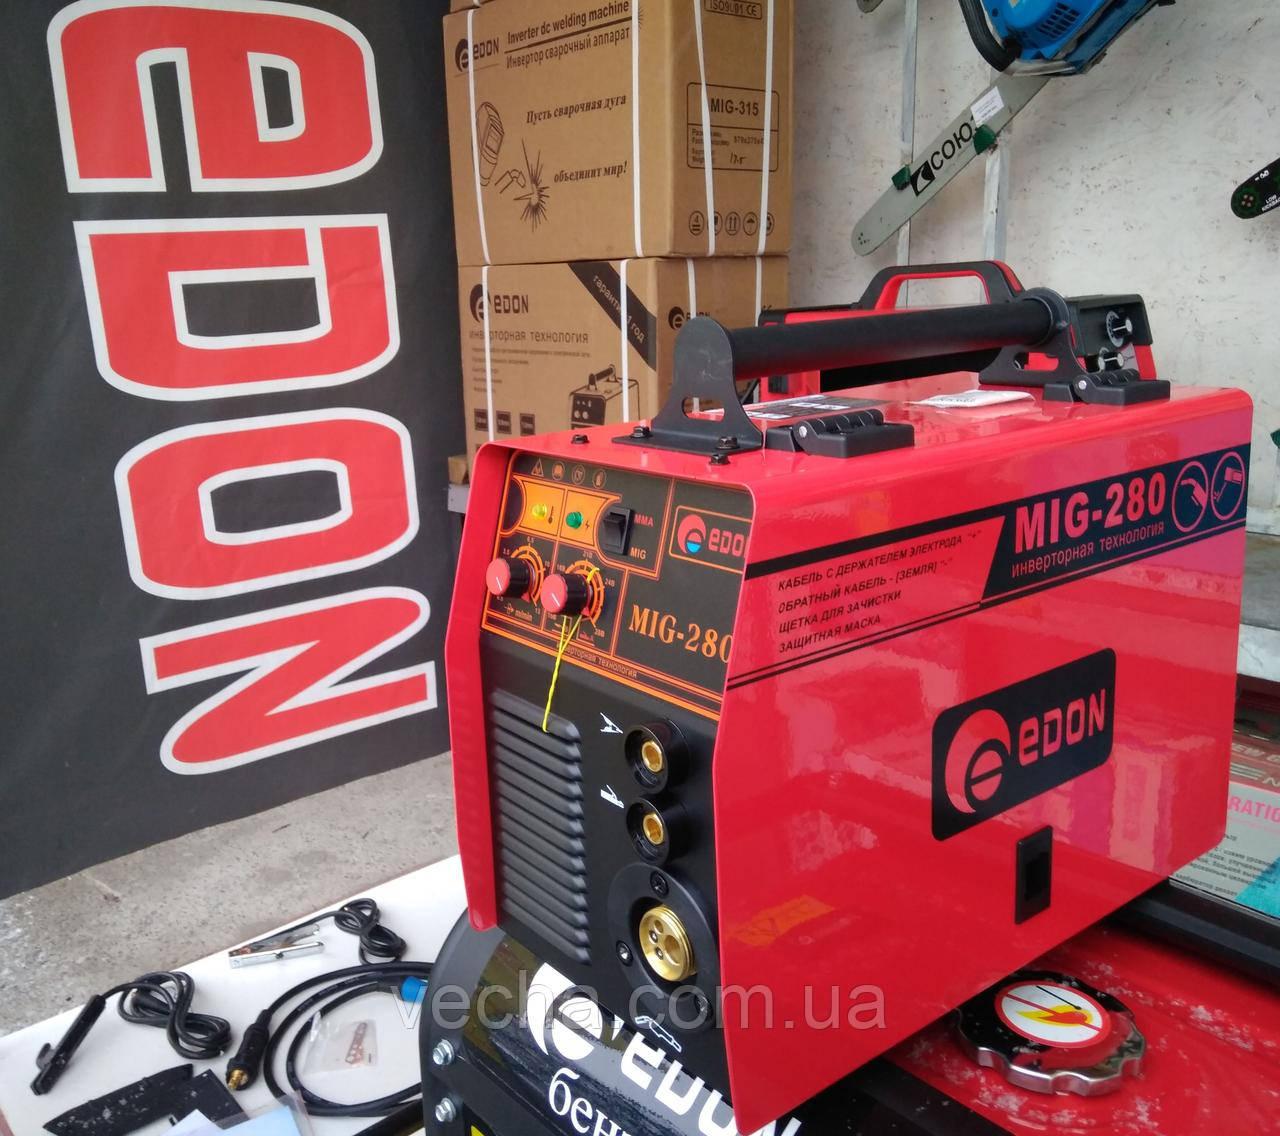 Сварочный полуавтомат Edon MIG 280 (+ MMA) еврорукав